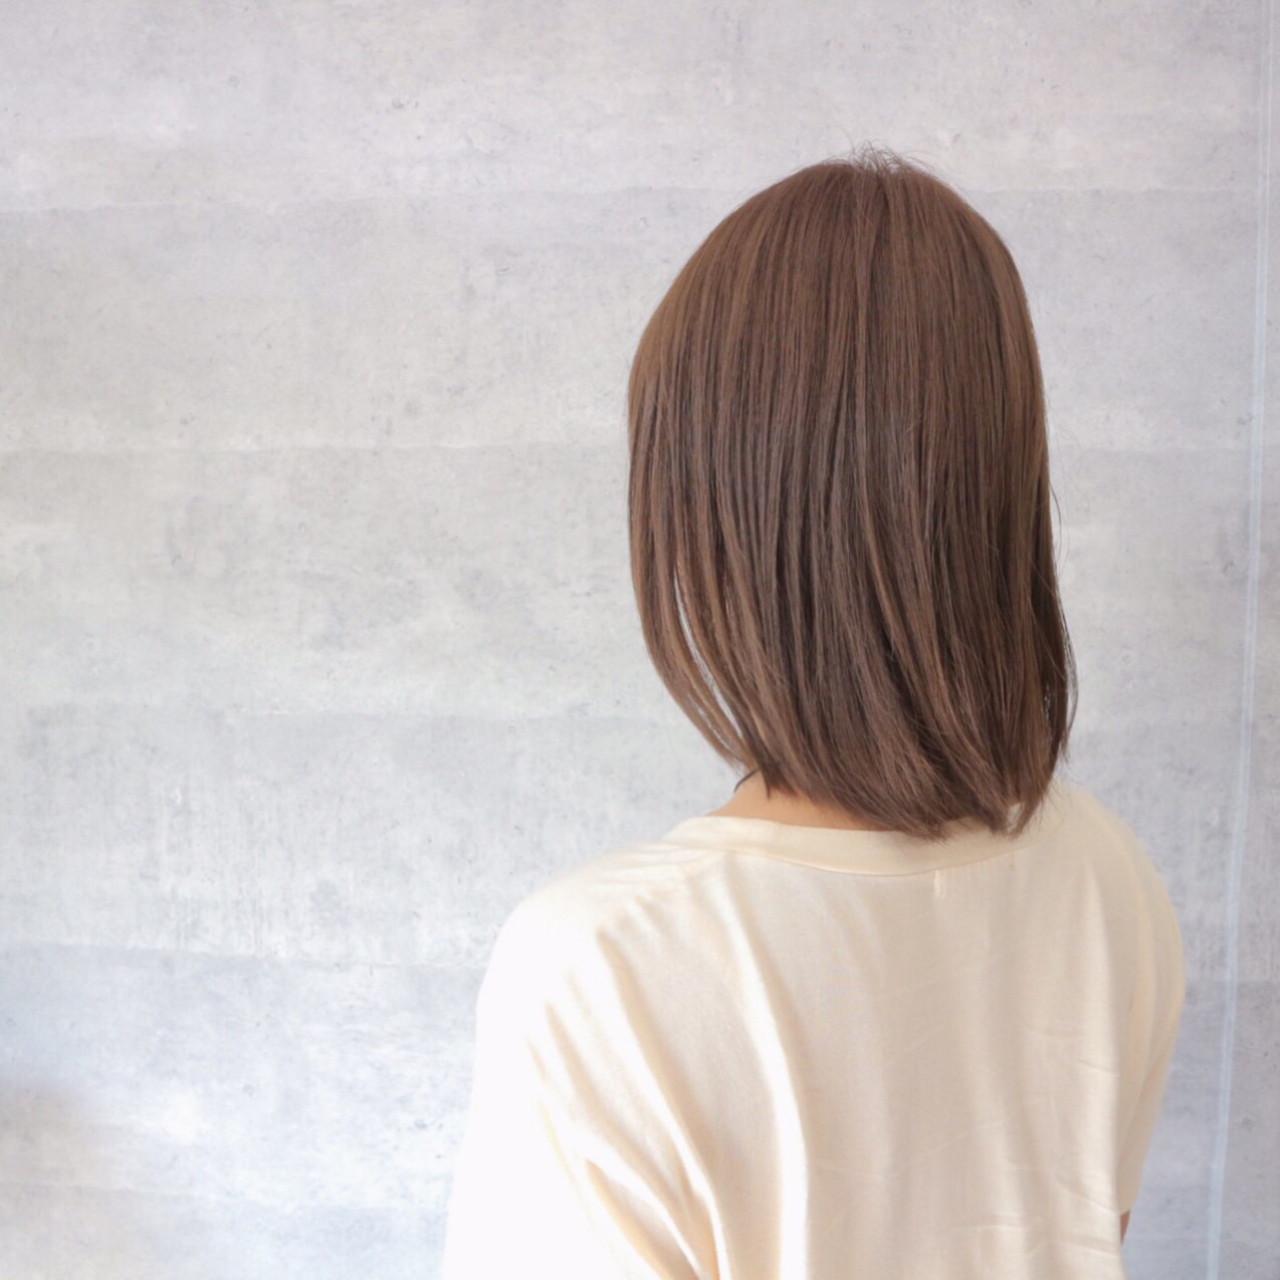 艶髪 爽やか オフィス ネイビー ヘアスタイルや髪型の写真・画像